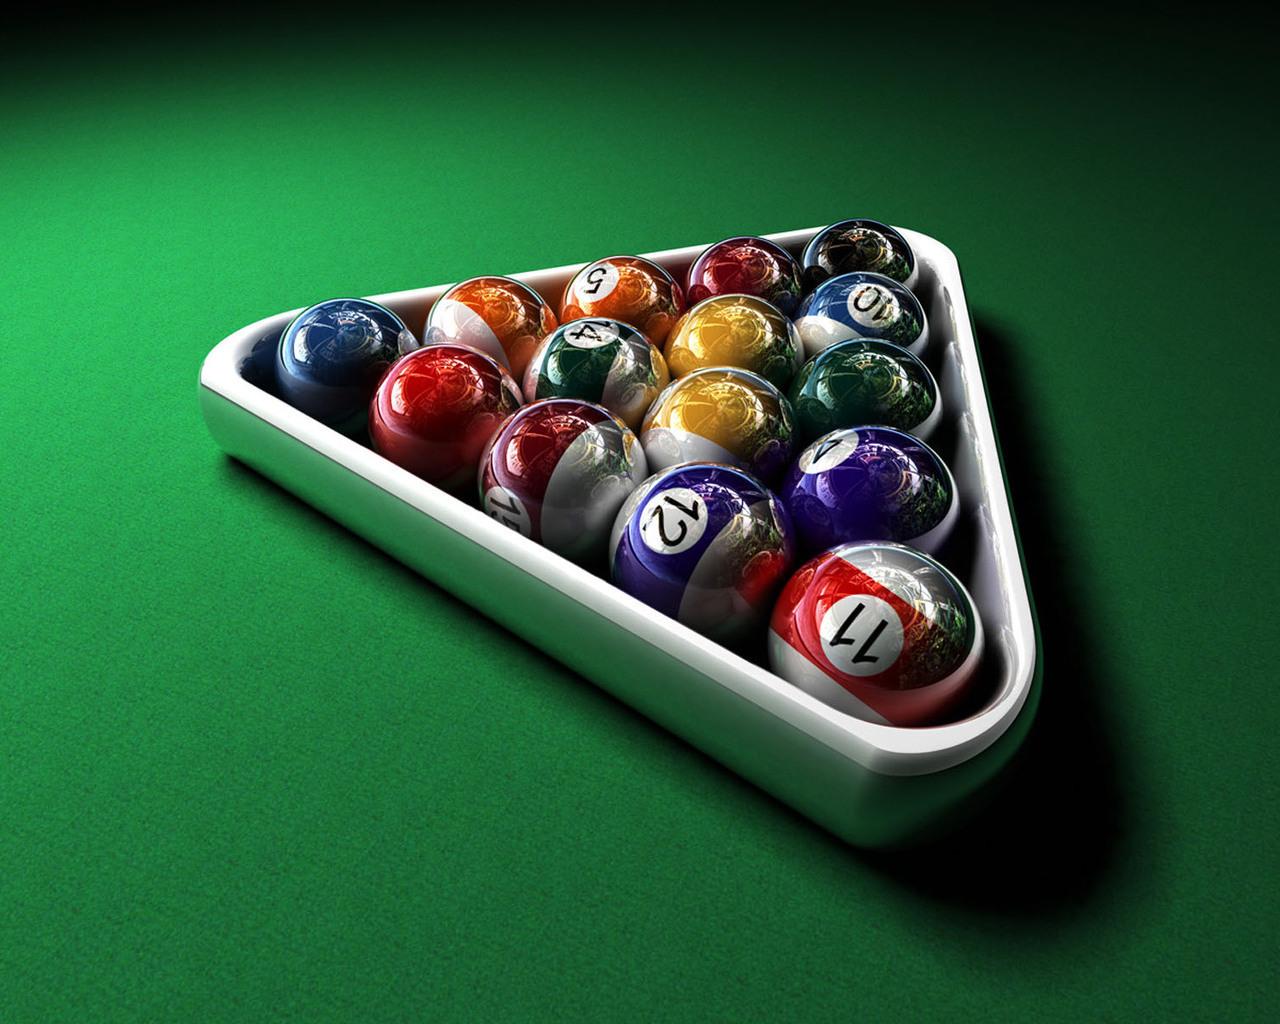 Descarga gratuita de fondo de pantalla para móvil de Billar, Juegos, Objetos.